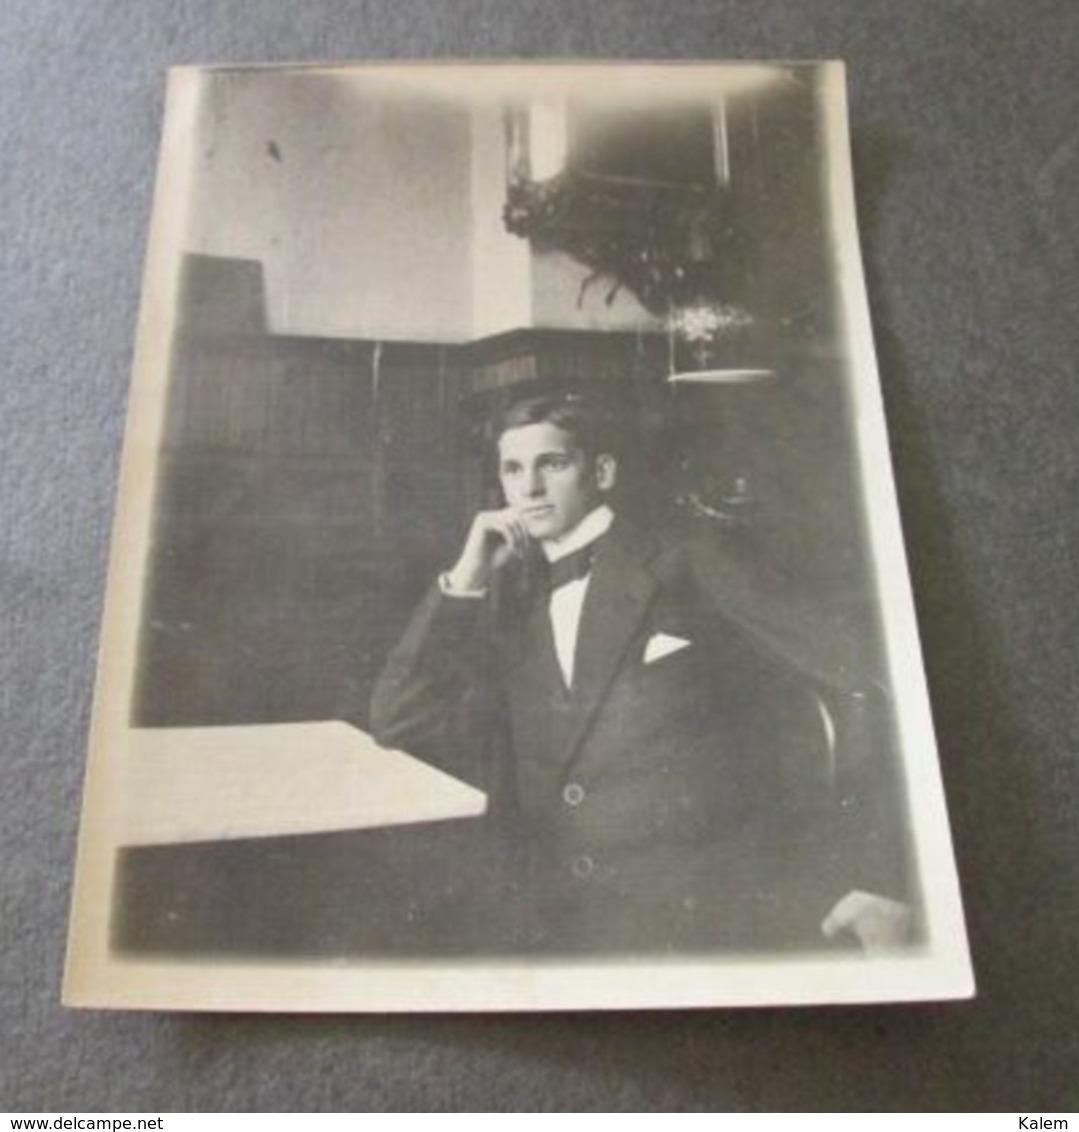 PORTRAIT OF A YOUNG MAN, PORTRAIT D'UN JEUNE HOMME,PHOTO FROM 1916, ORIGINAL PHOTO - Personnes Anonymes